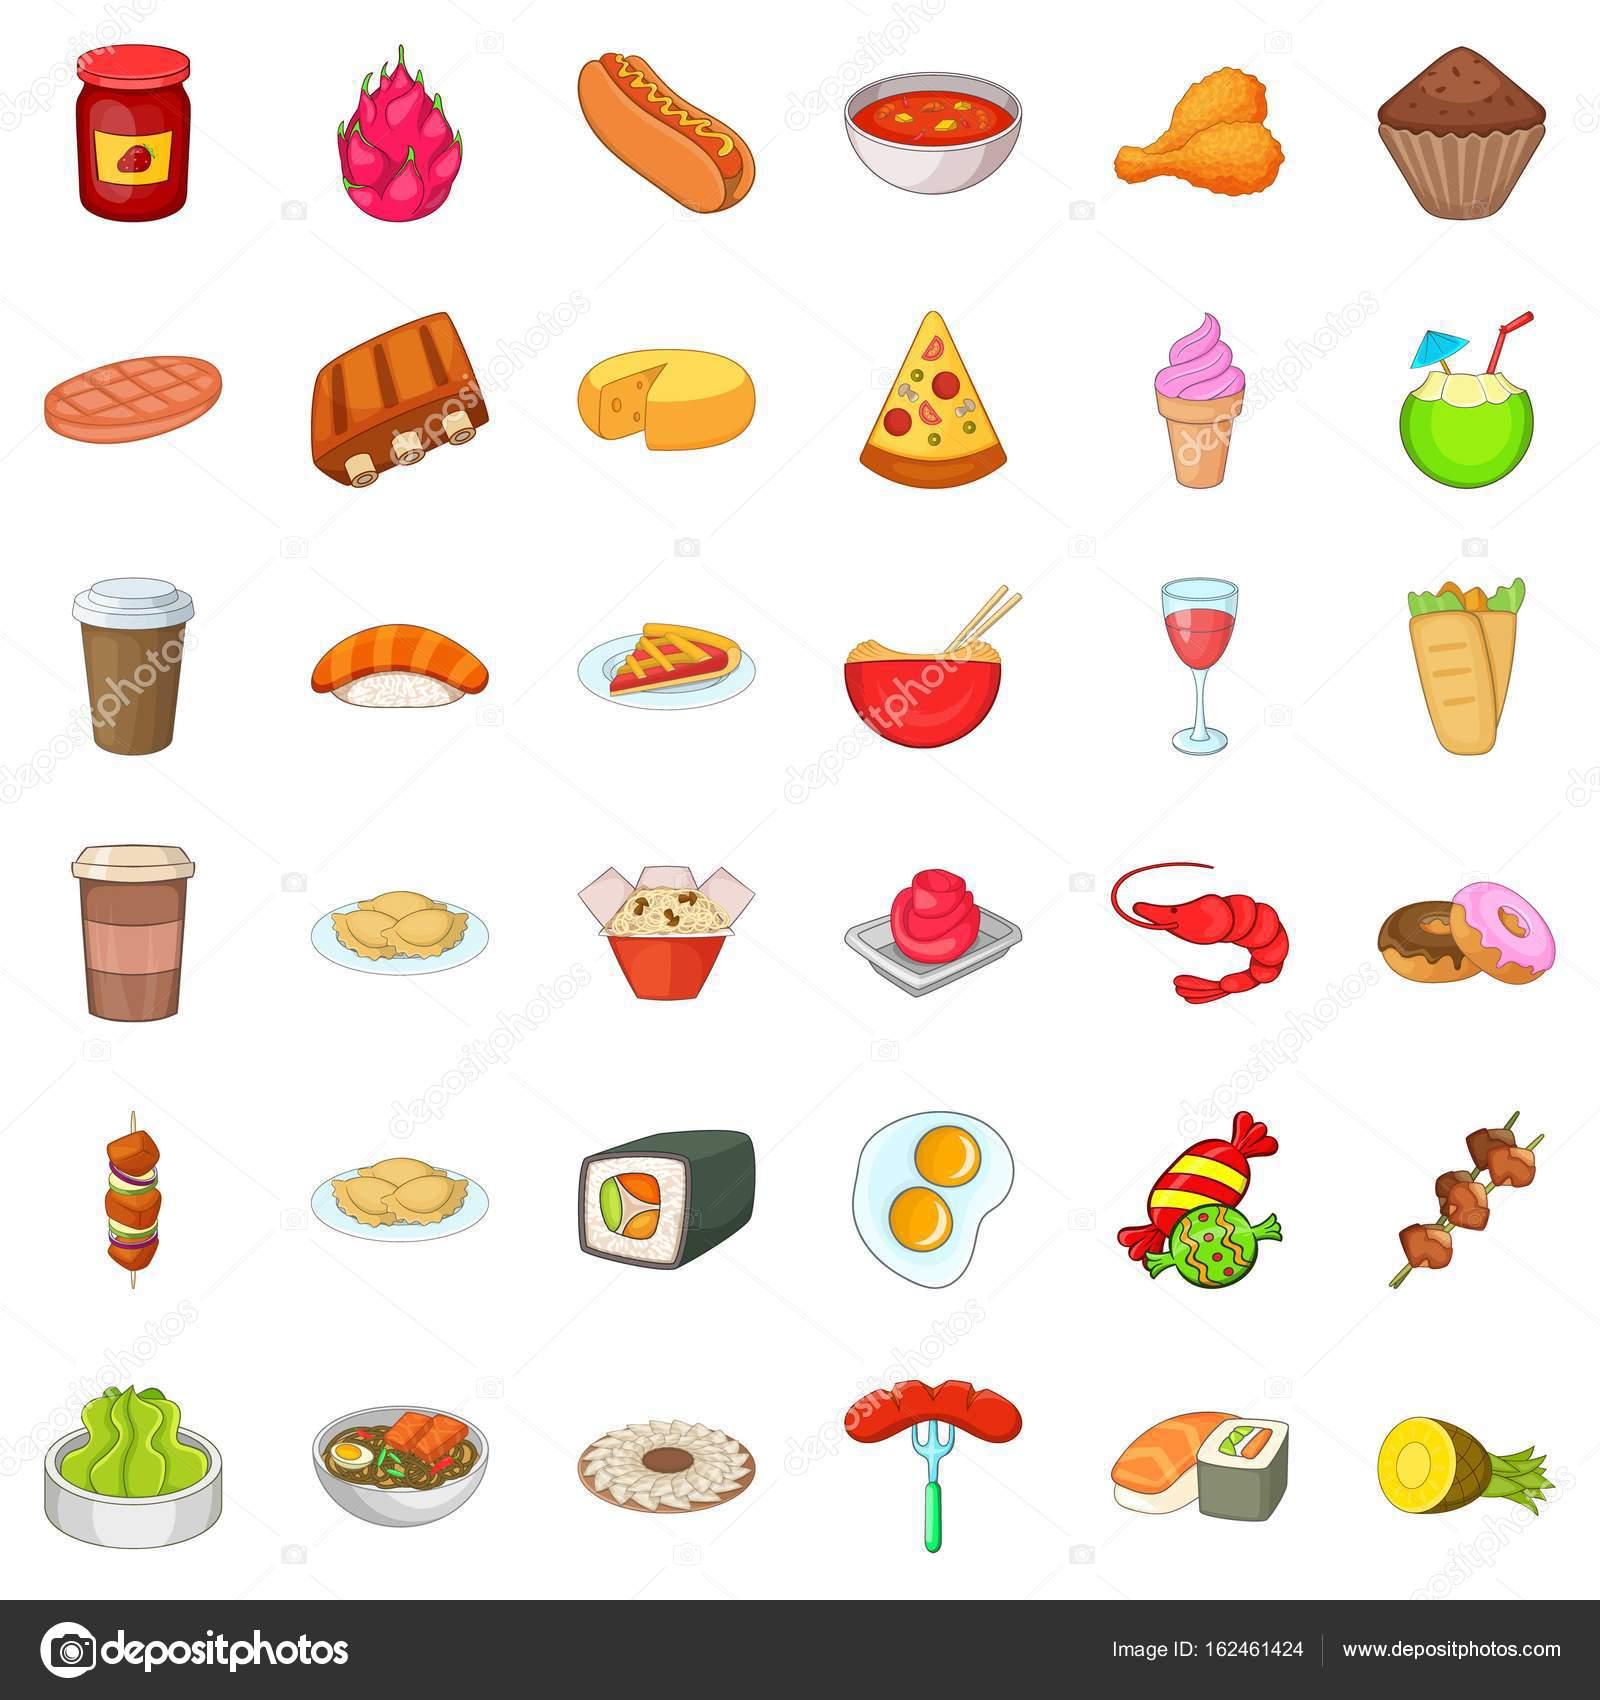 Dibujos del plato del buen comer